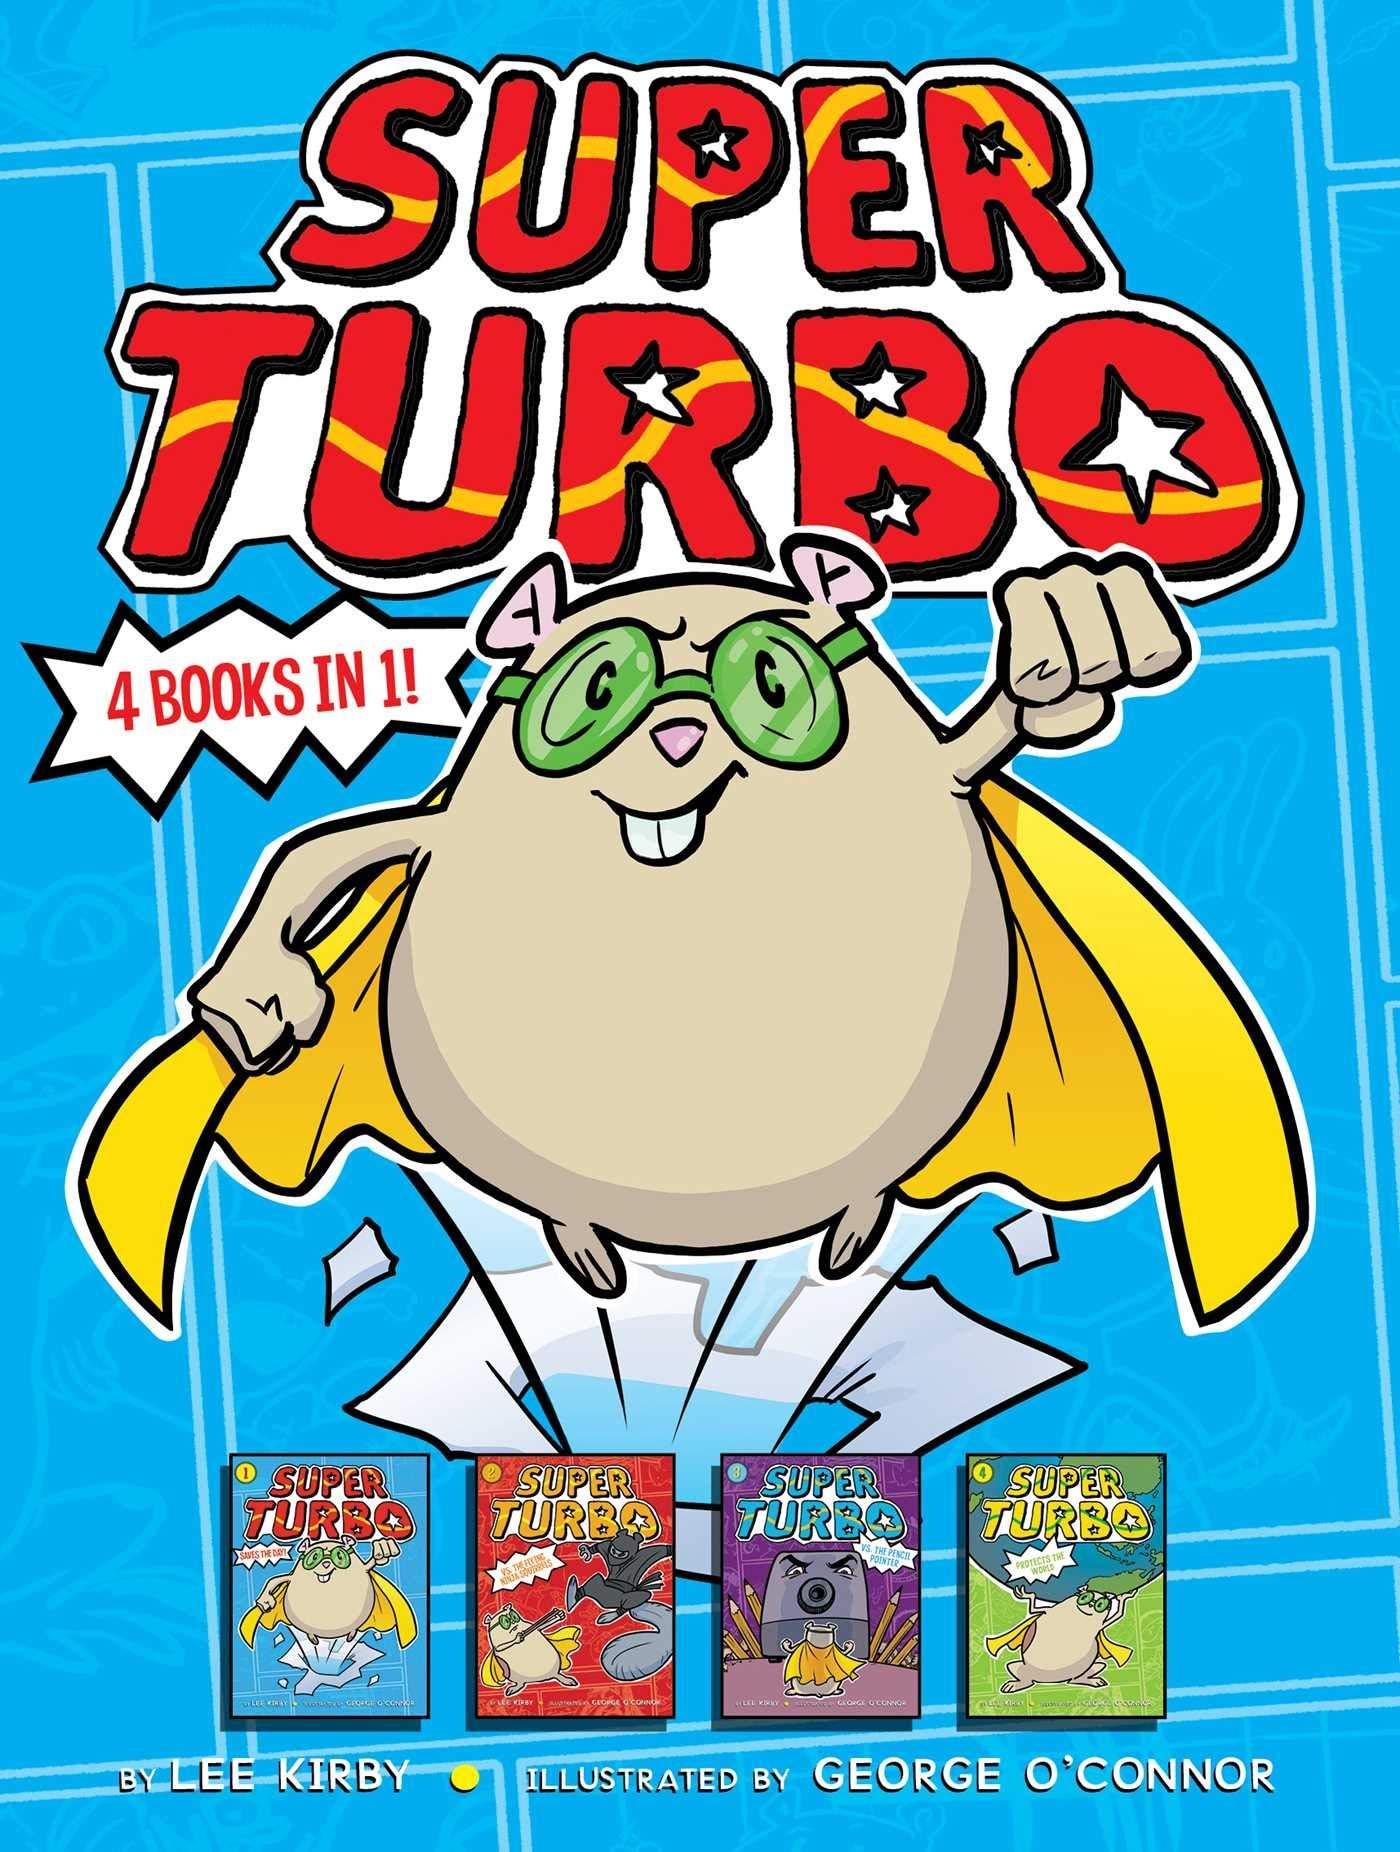 Amazon.com: Super Turbo 4 Books in 1!: Super Turbo Saves the ...